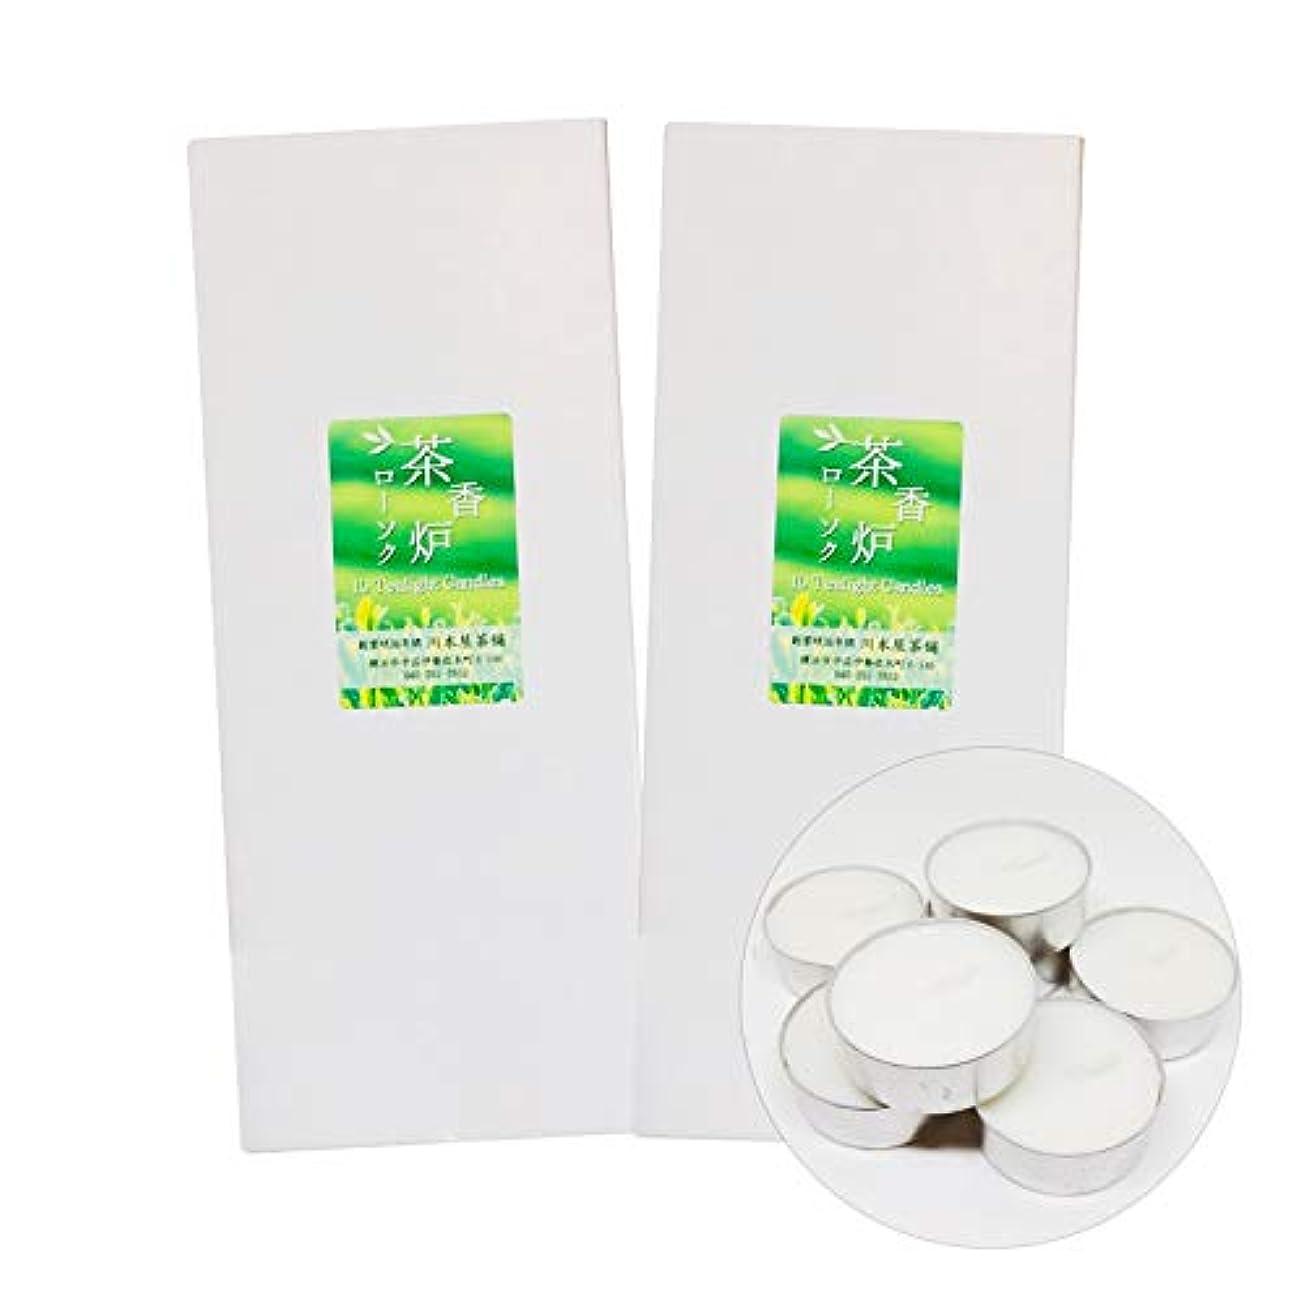 借りている一族拡声器茶香炉専用 ろうそく キャンドル 10個入り 川本屋茶舗 (2箱)